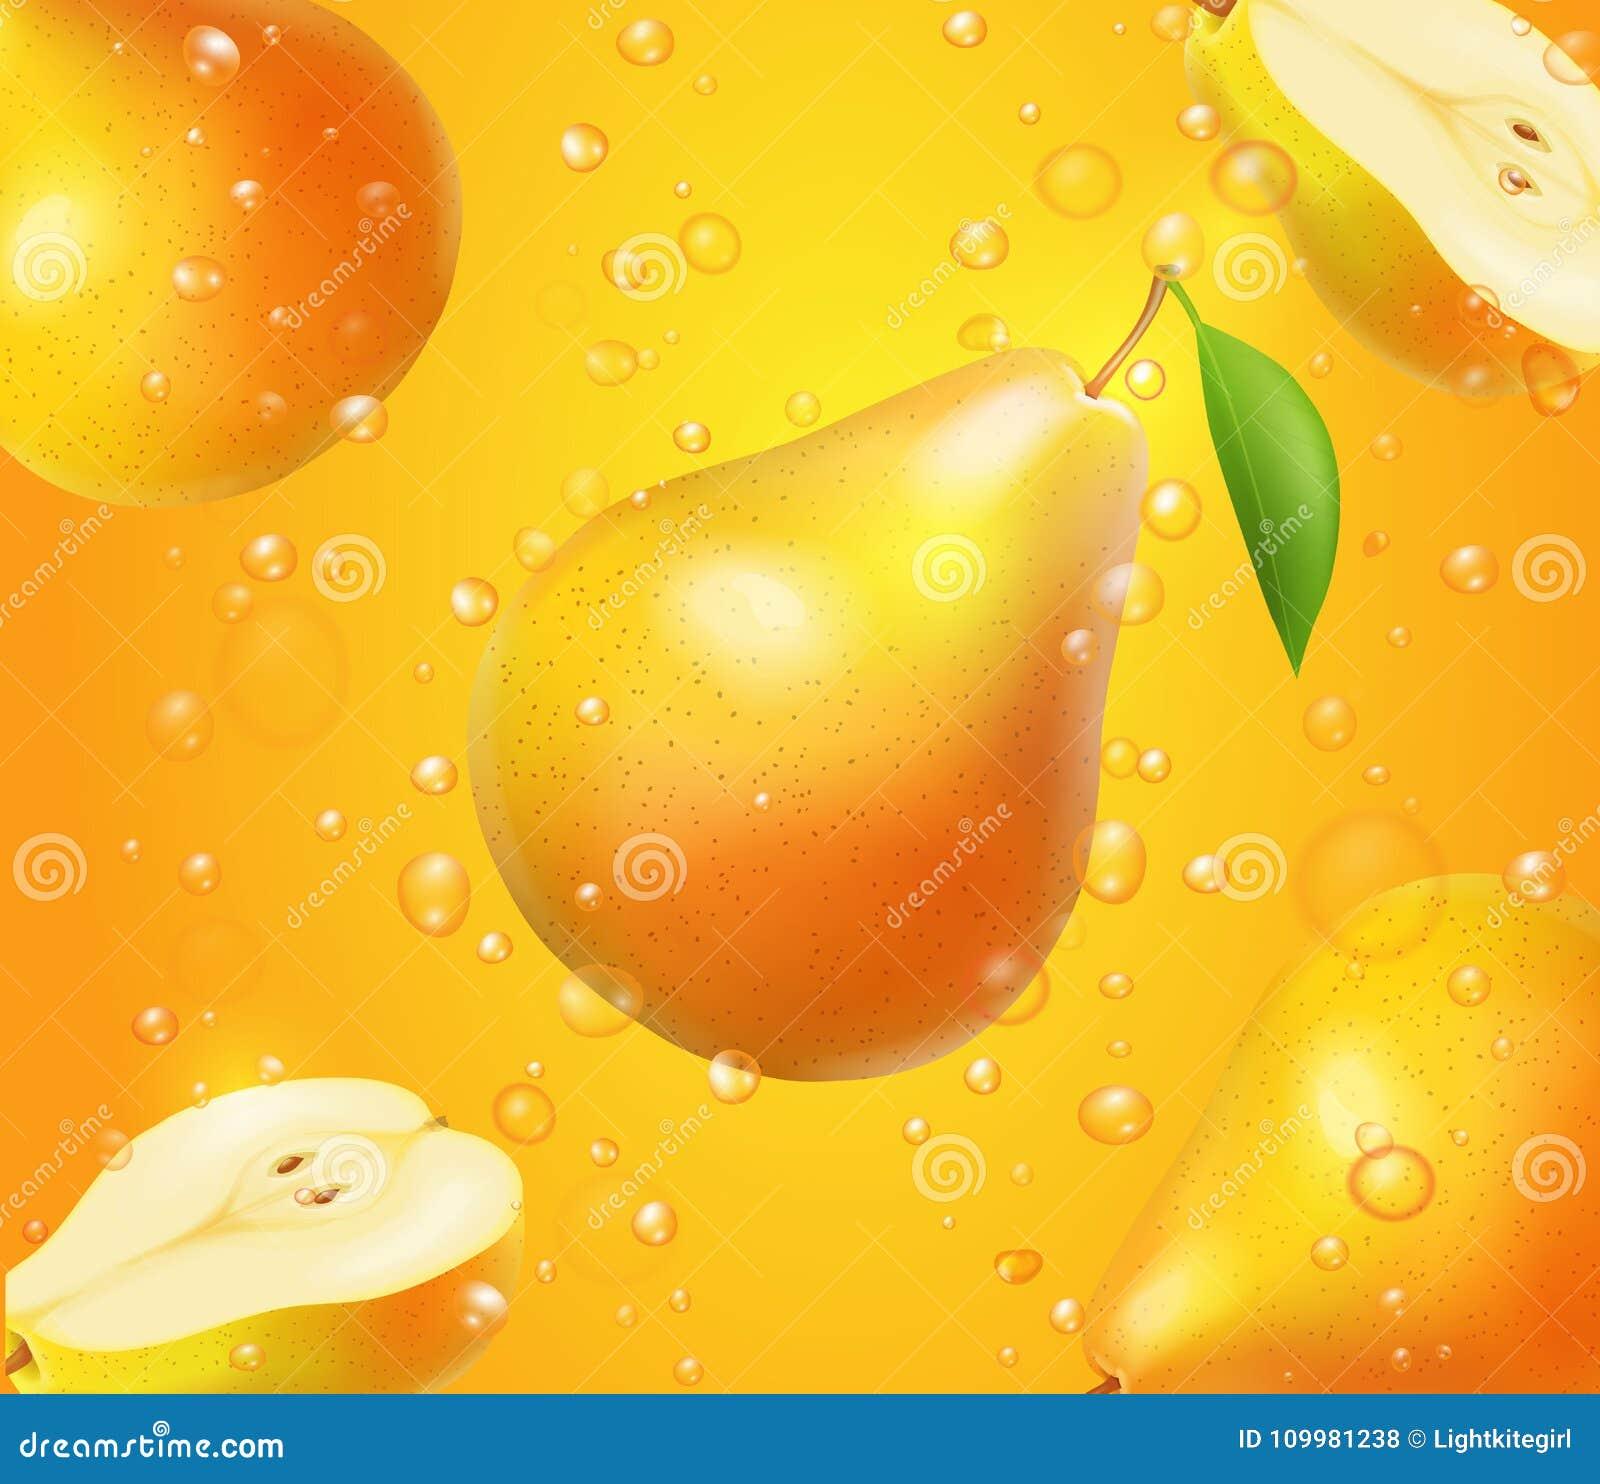 Fruta realista de la pera en el diseño del jugo para hacer publicidad